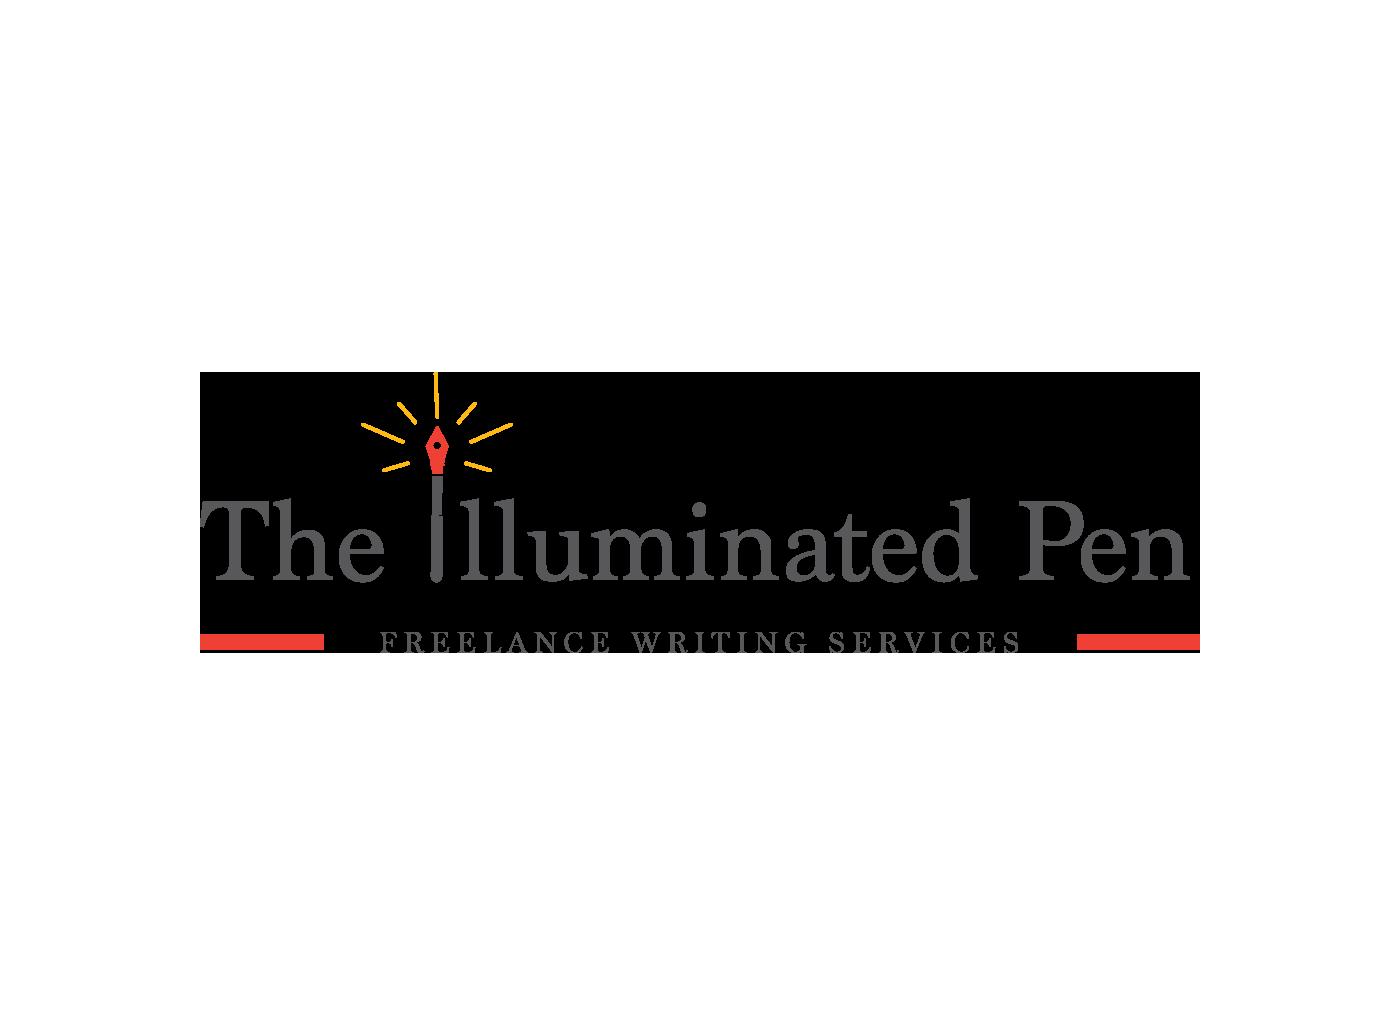 The Illuminated Pen